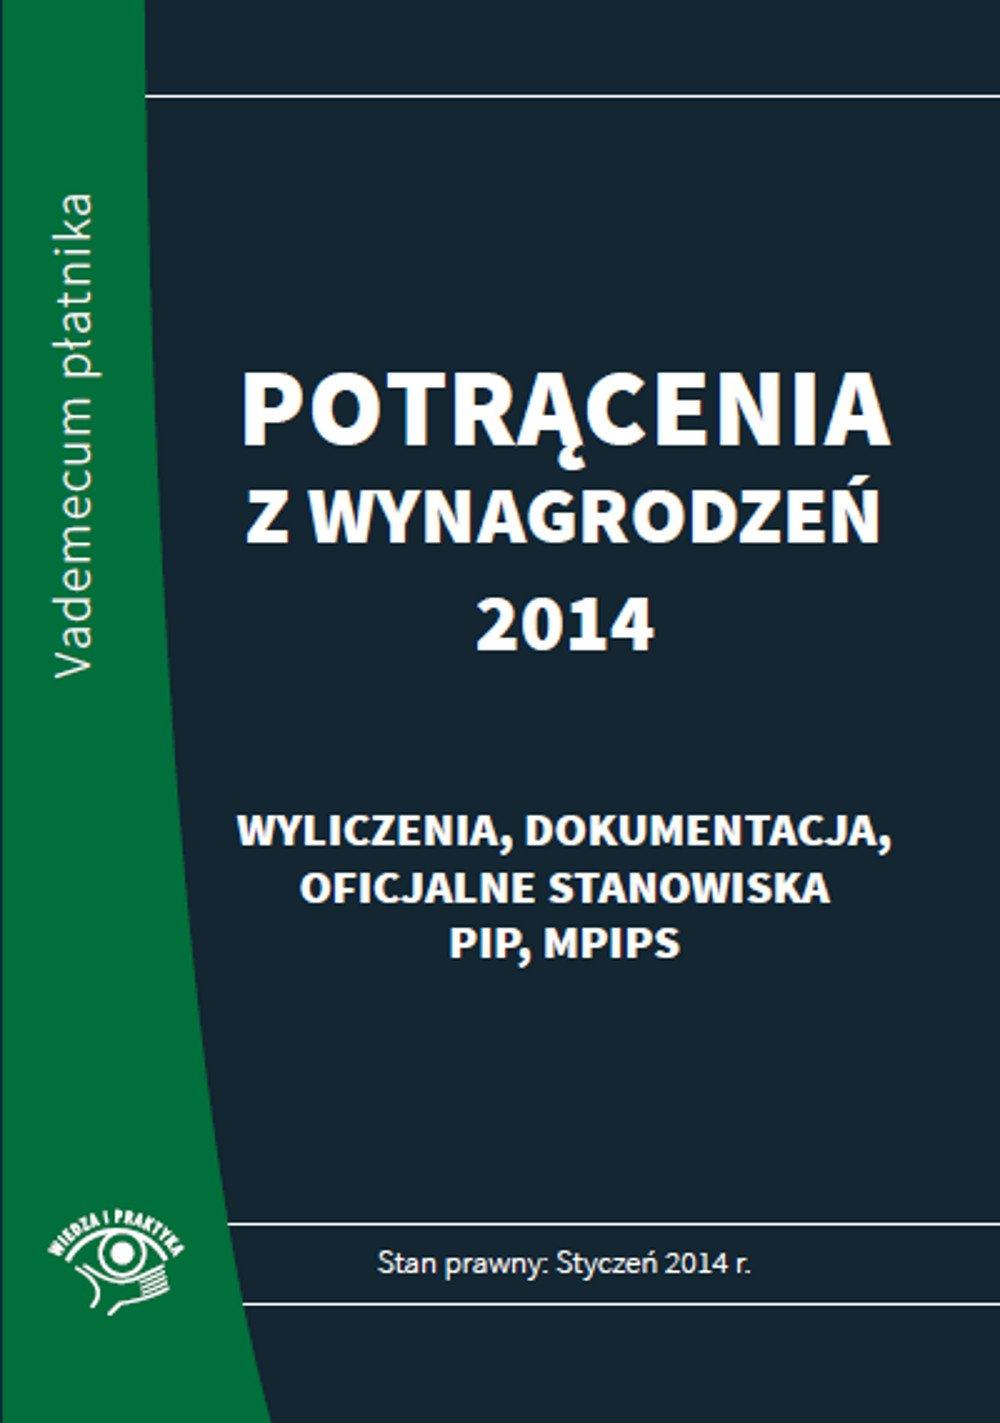 Potrącenia z wynagrodzeń 2014 - praktyczny komentarz - Ebook (Książka PDF) do pobrania w formacie PDF